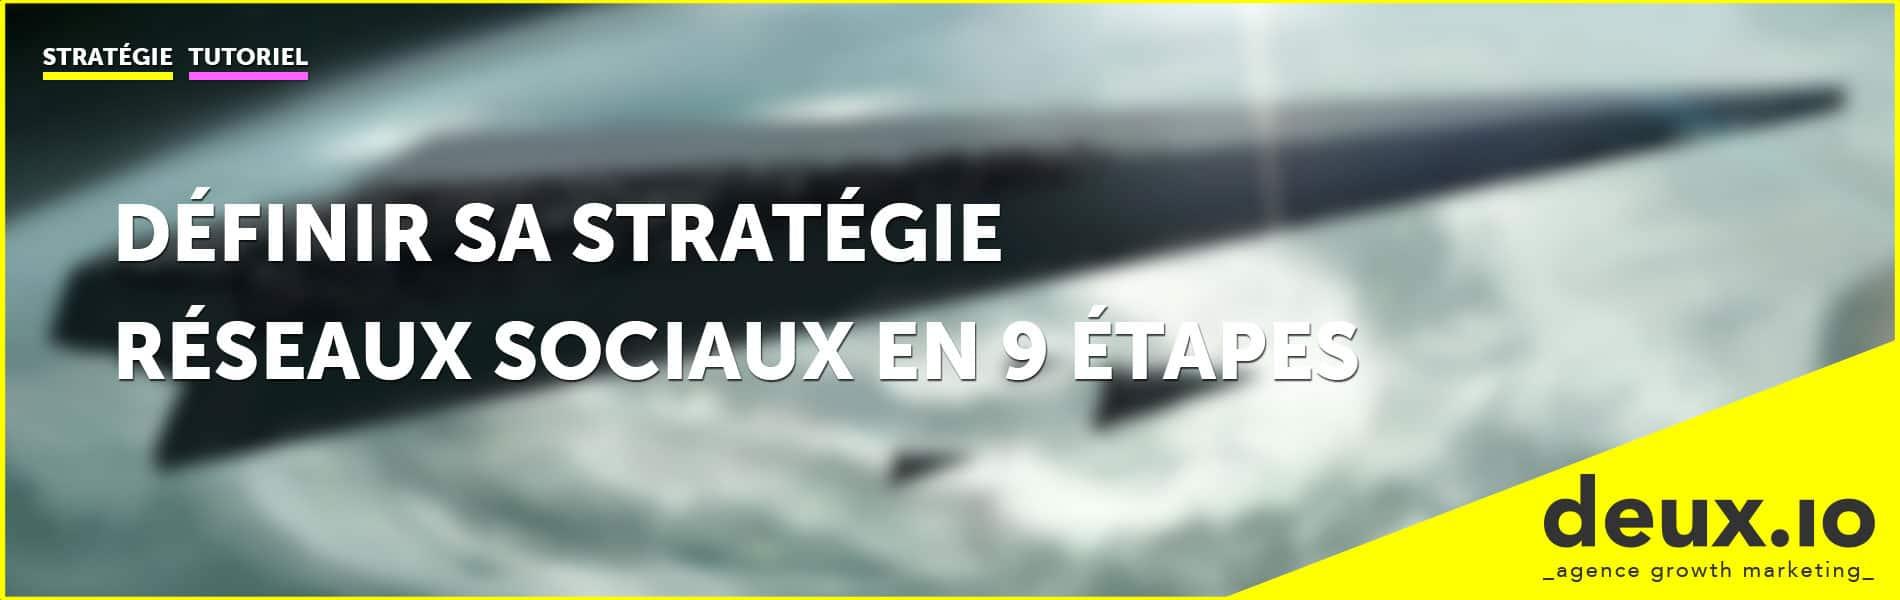 définir sa stratégie réseaux sociaux en 9 étapes